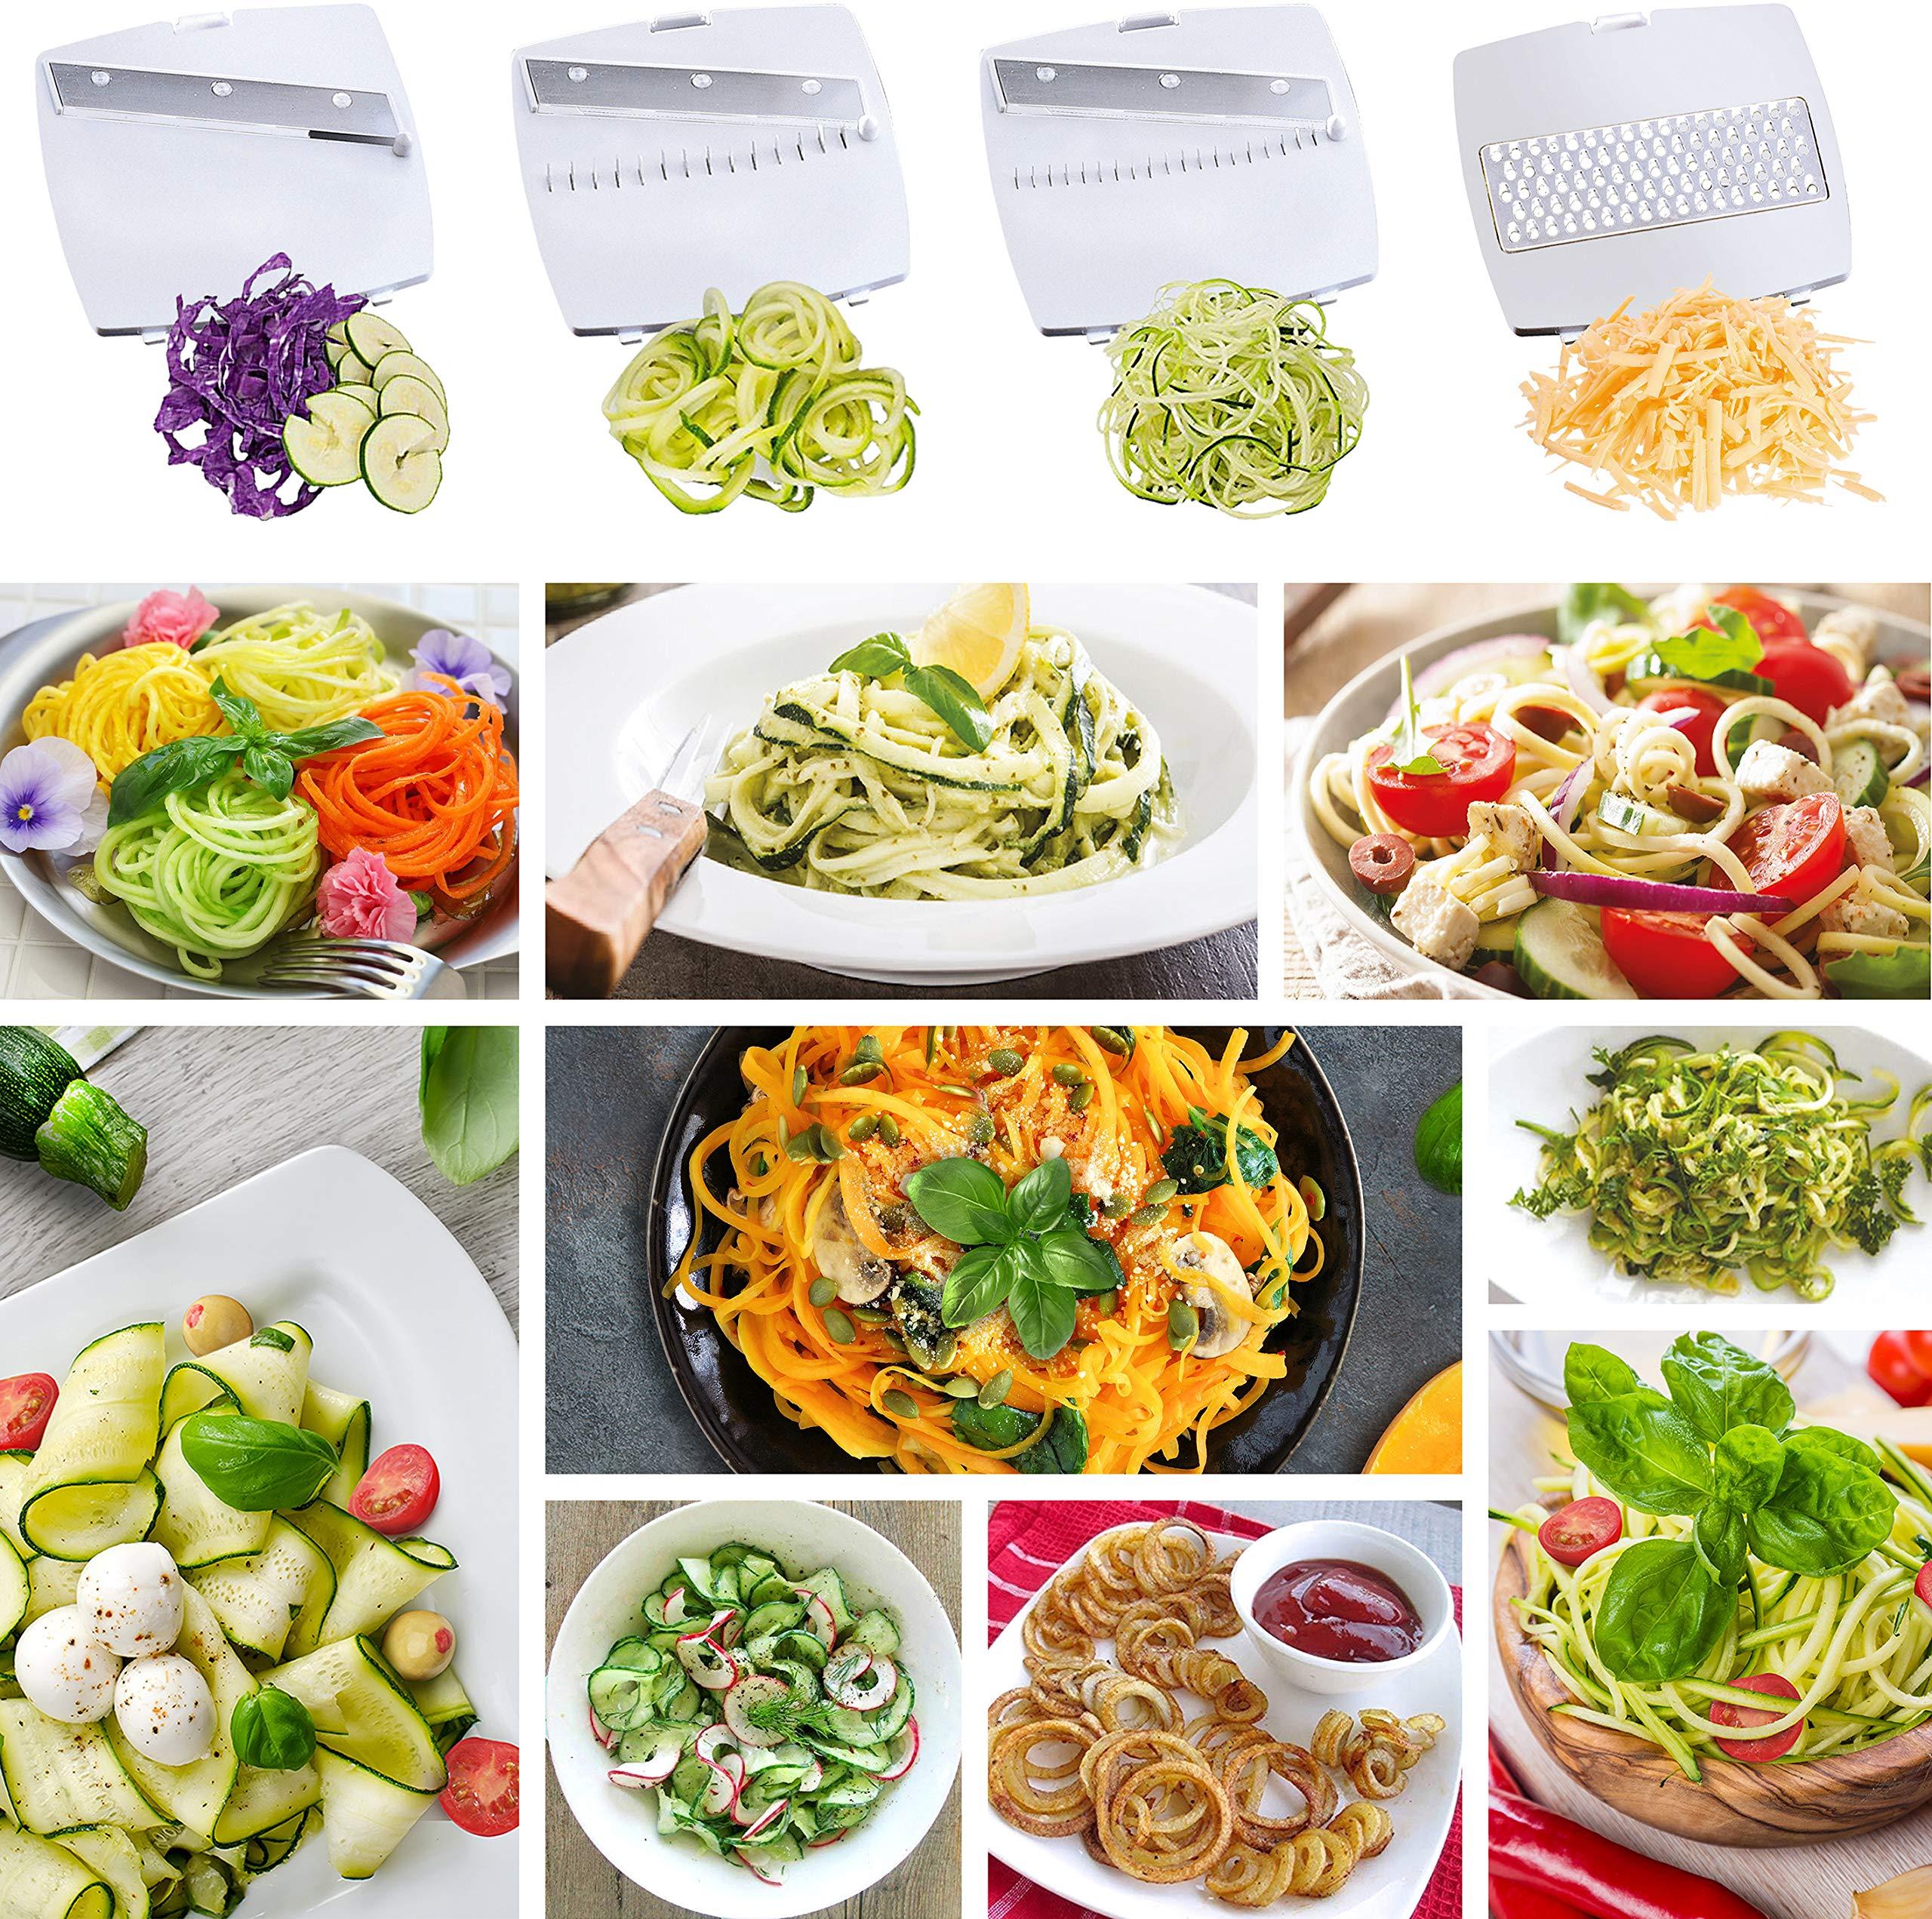 Mueller Spiral-Ultra Multi-Blade Spiralizer, 8 into 1 Spiral Slicer, Heavy Duty Salad Utensil, Vegetable Pasta Maker and Mandoline Slicer for Low Carb/Paleo/Gluten-Free Meals by Mueller (Image #7)